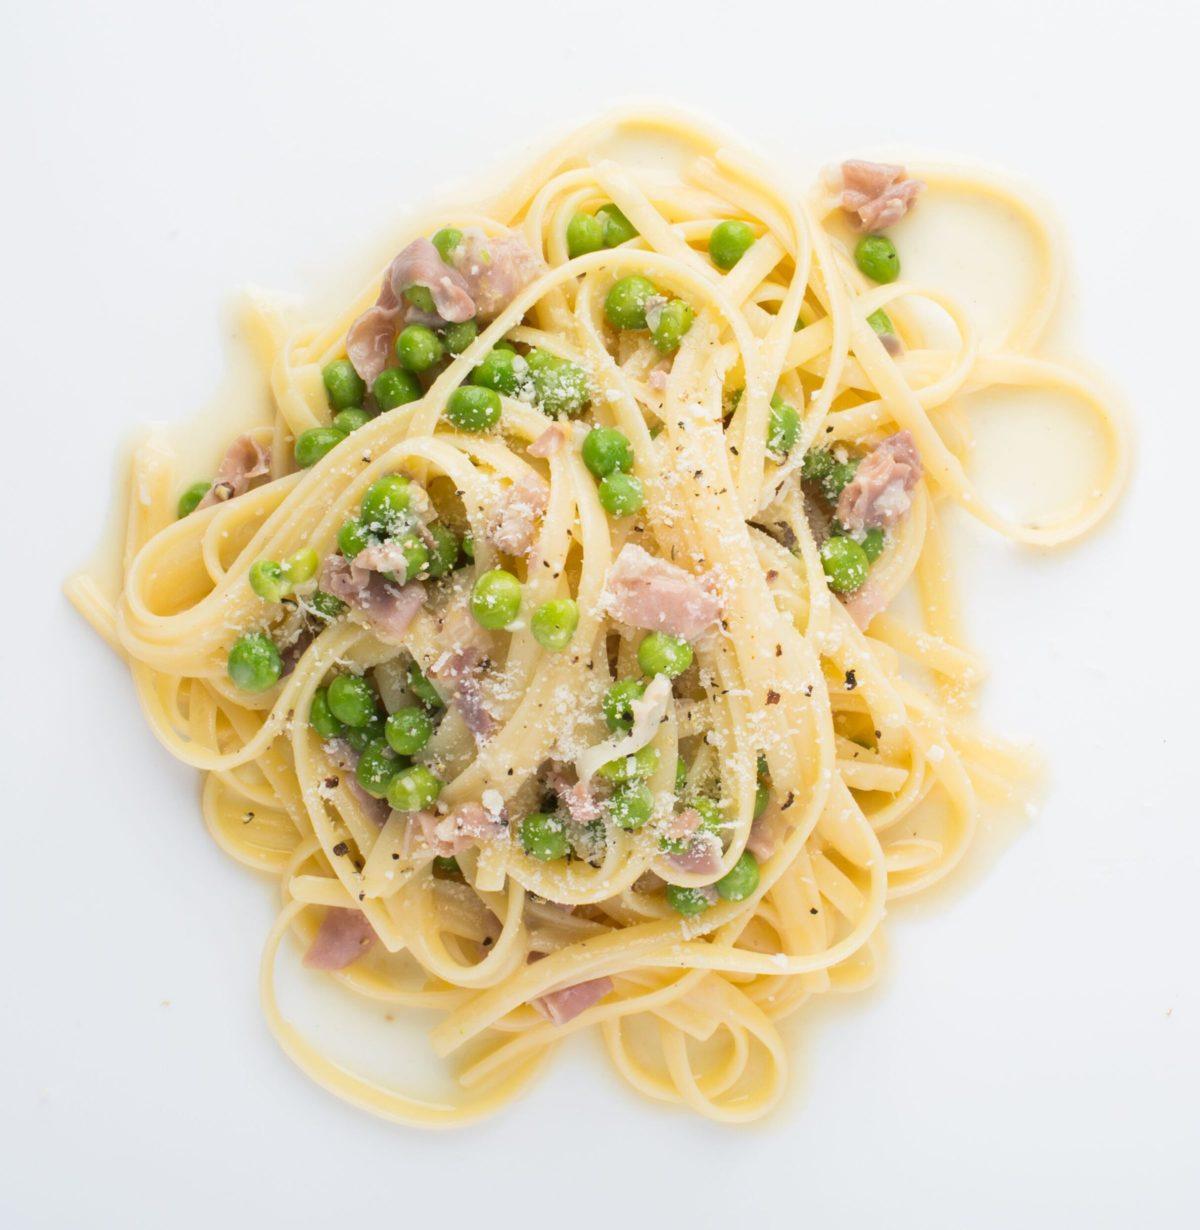 Gluten Free Pasta Dish with Prosciutto Cream and Peas